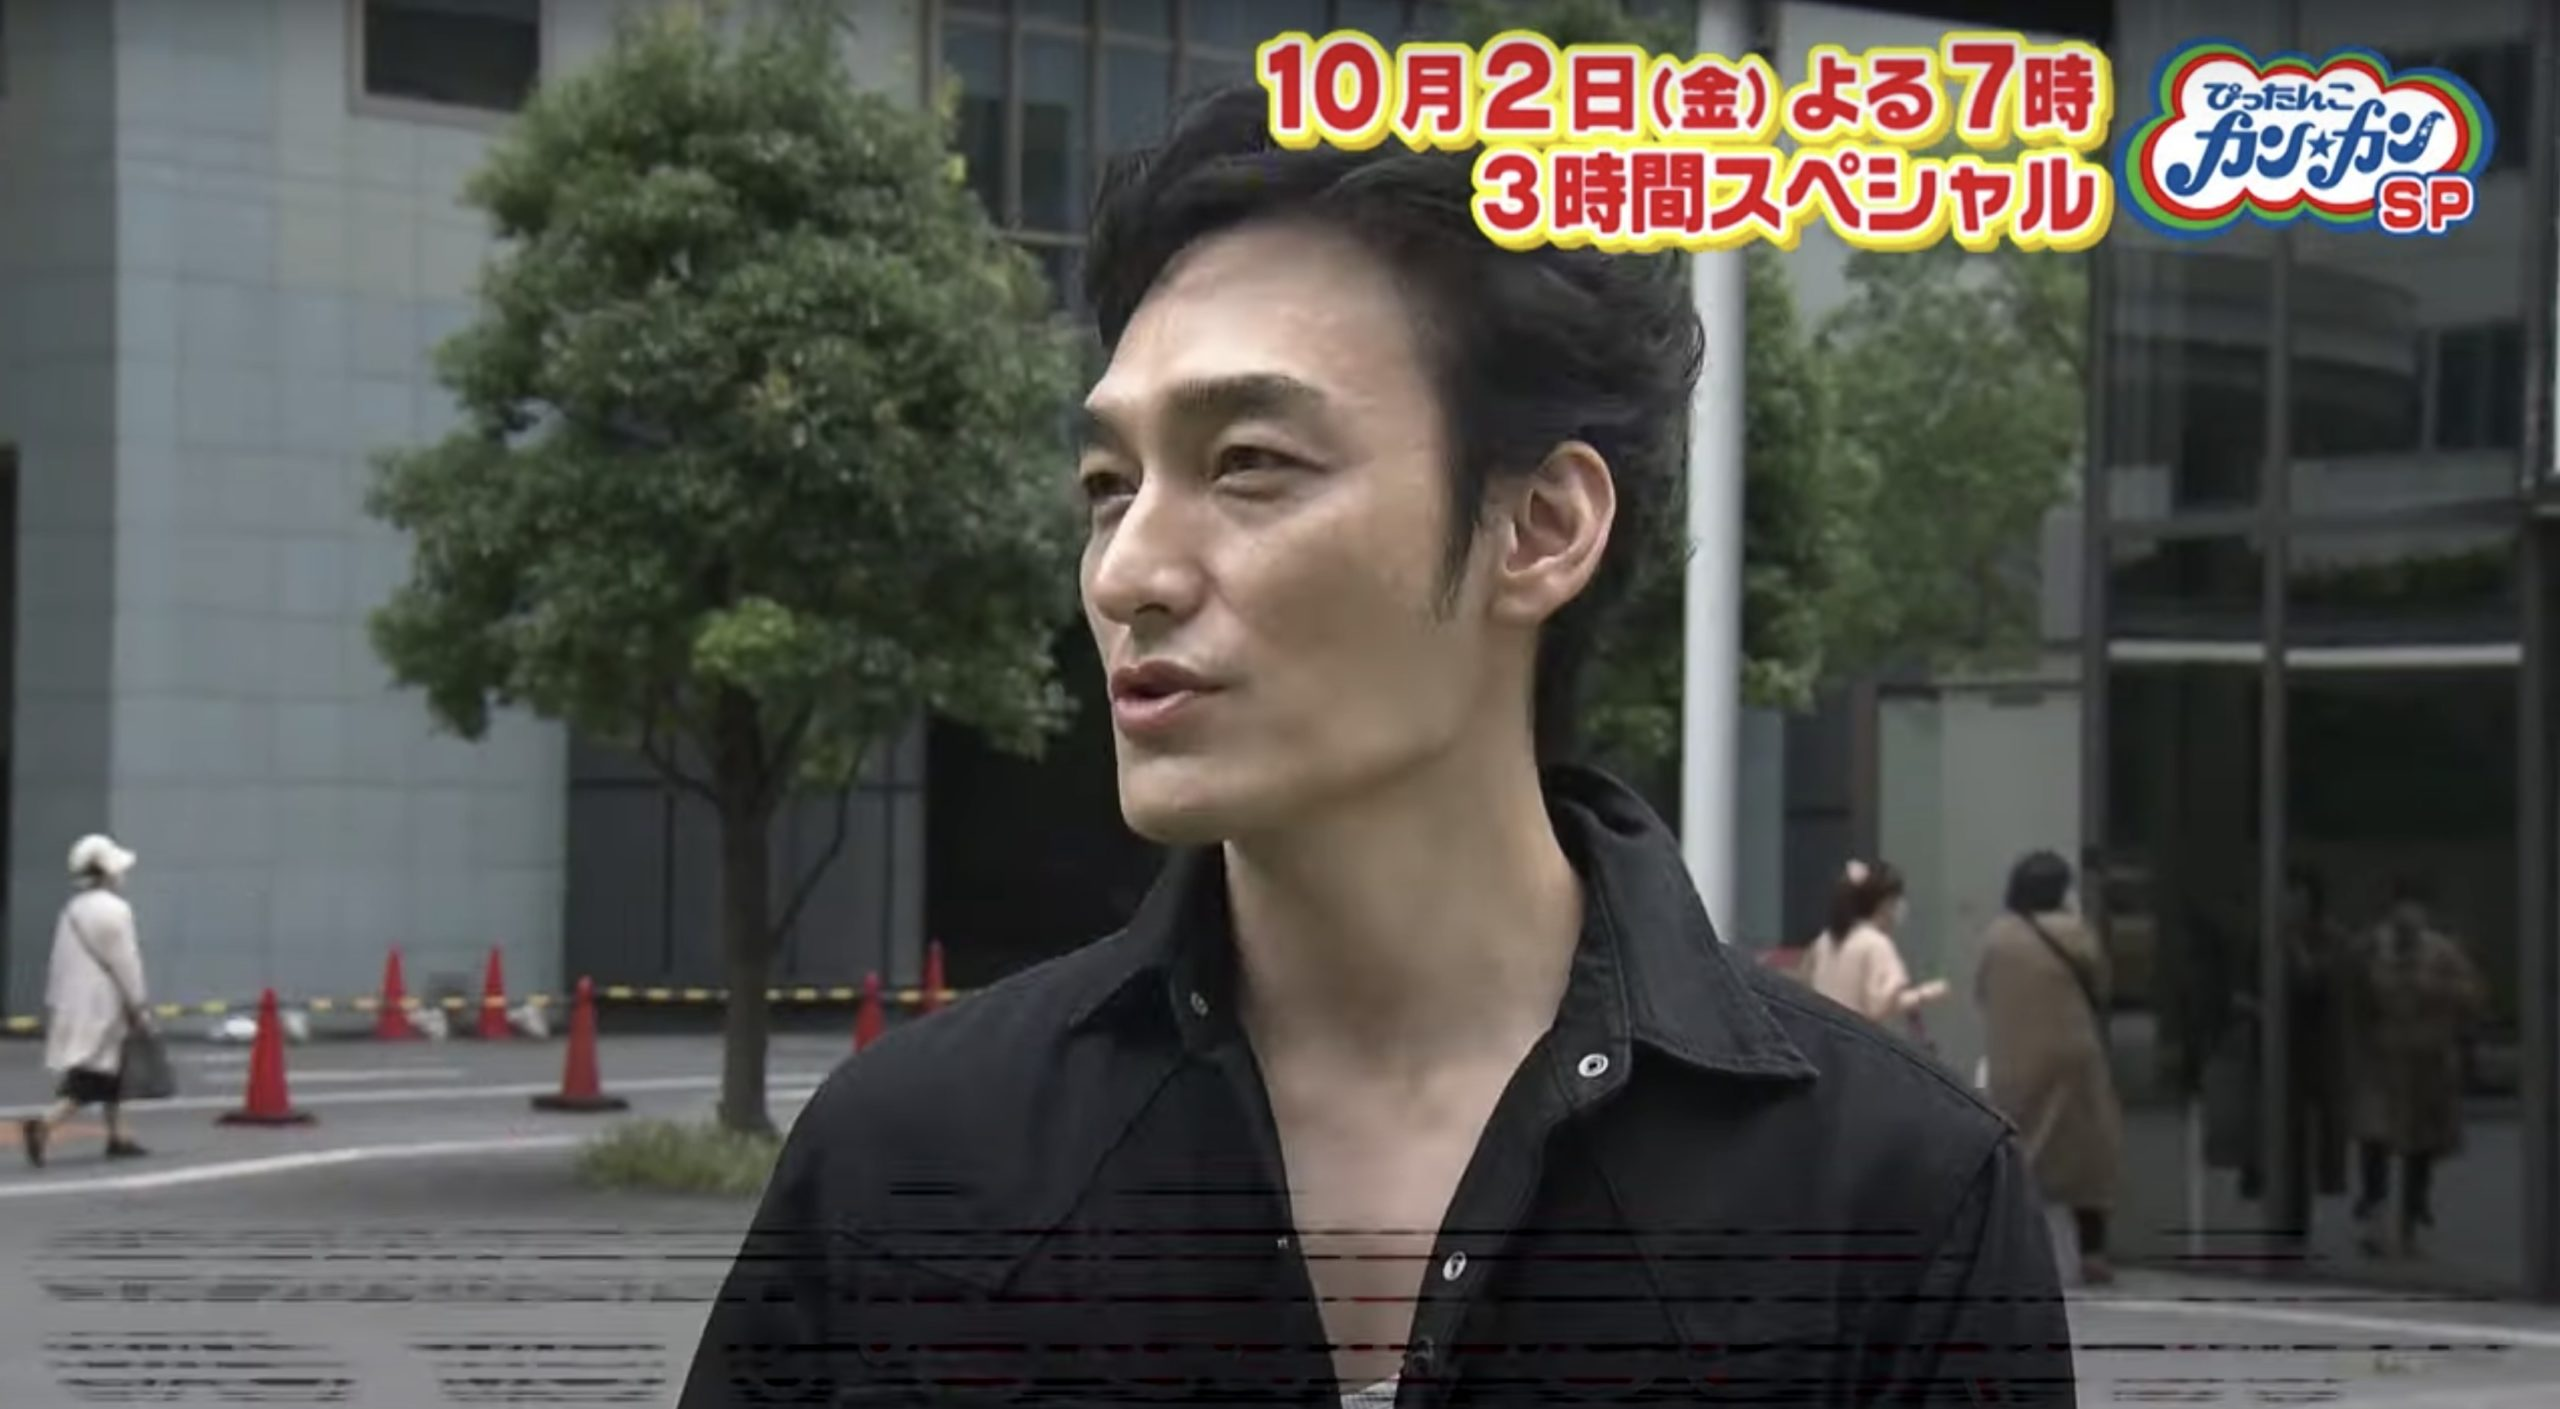 ぴったんこカン・カン(草彅剛)10月2日の無料動画や見逃し配信をフル視聴する方法!